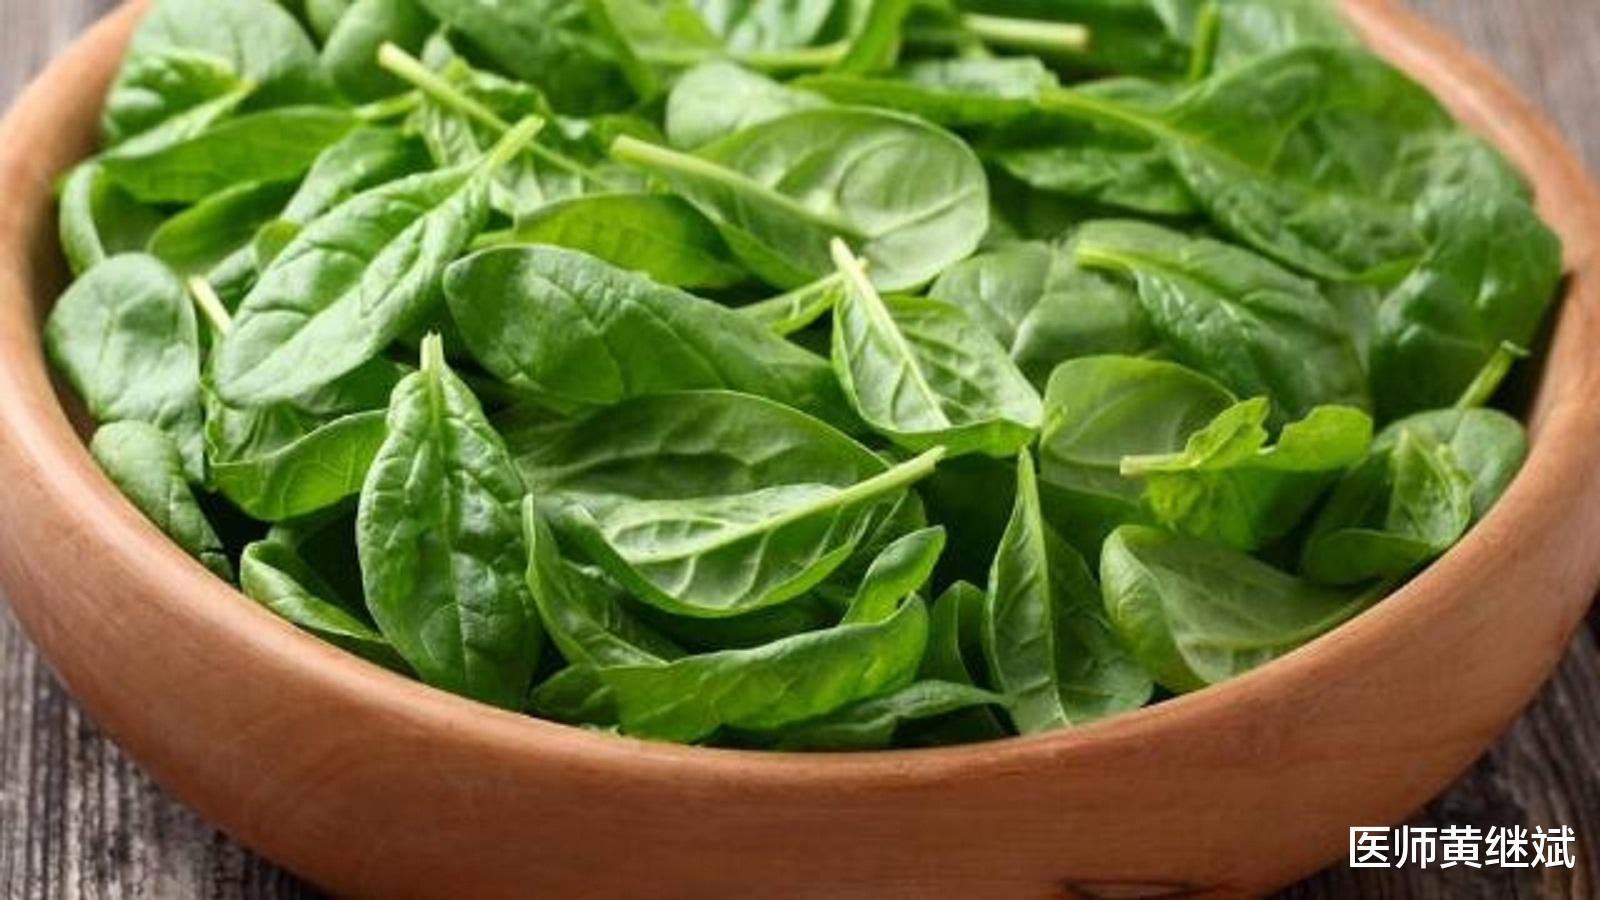 菠菜不仅能有效清洁皮肤,还能改善痔疮,常吃对身体有三大好处!